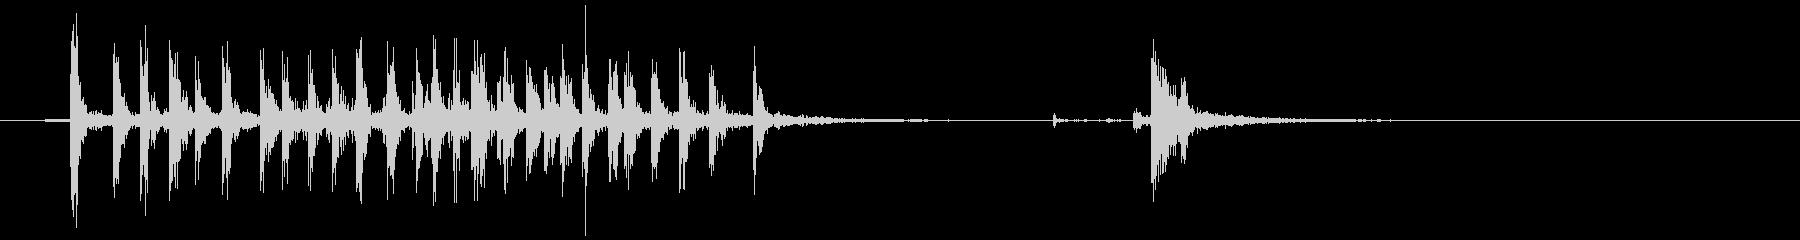 [生音]セロハンテープを使う音04の未再生の波形